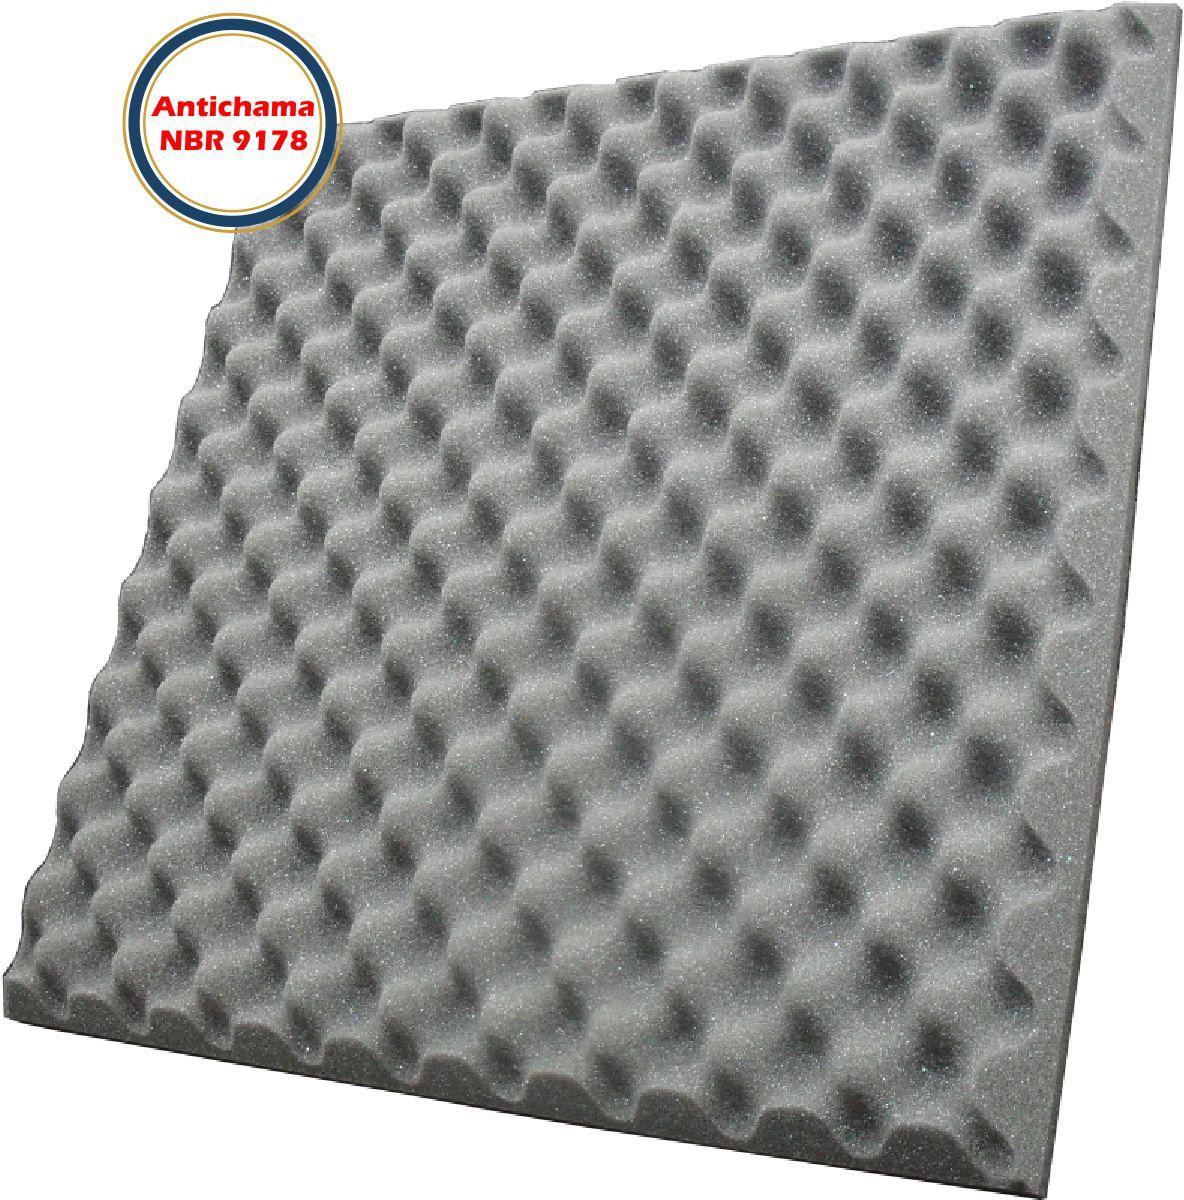 Espuma Acústica Antichama Perfilada-Kit 16 peças-40mm-(4m²)  - Loja SPL Acústica